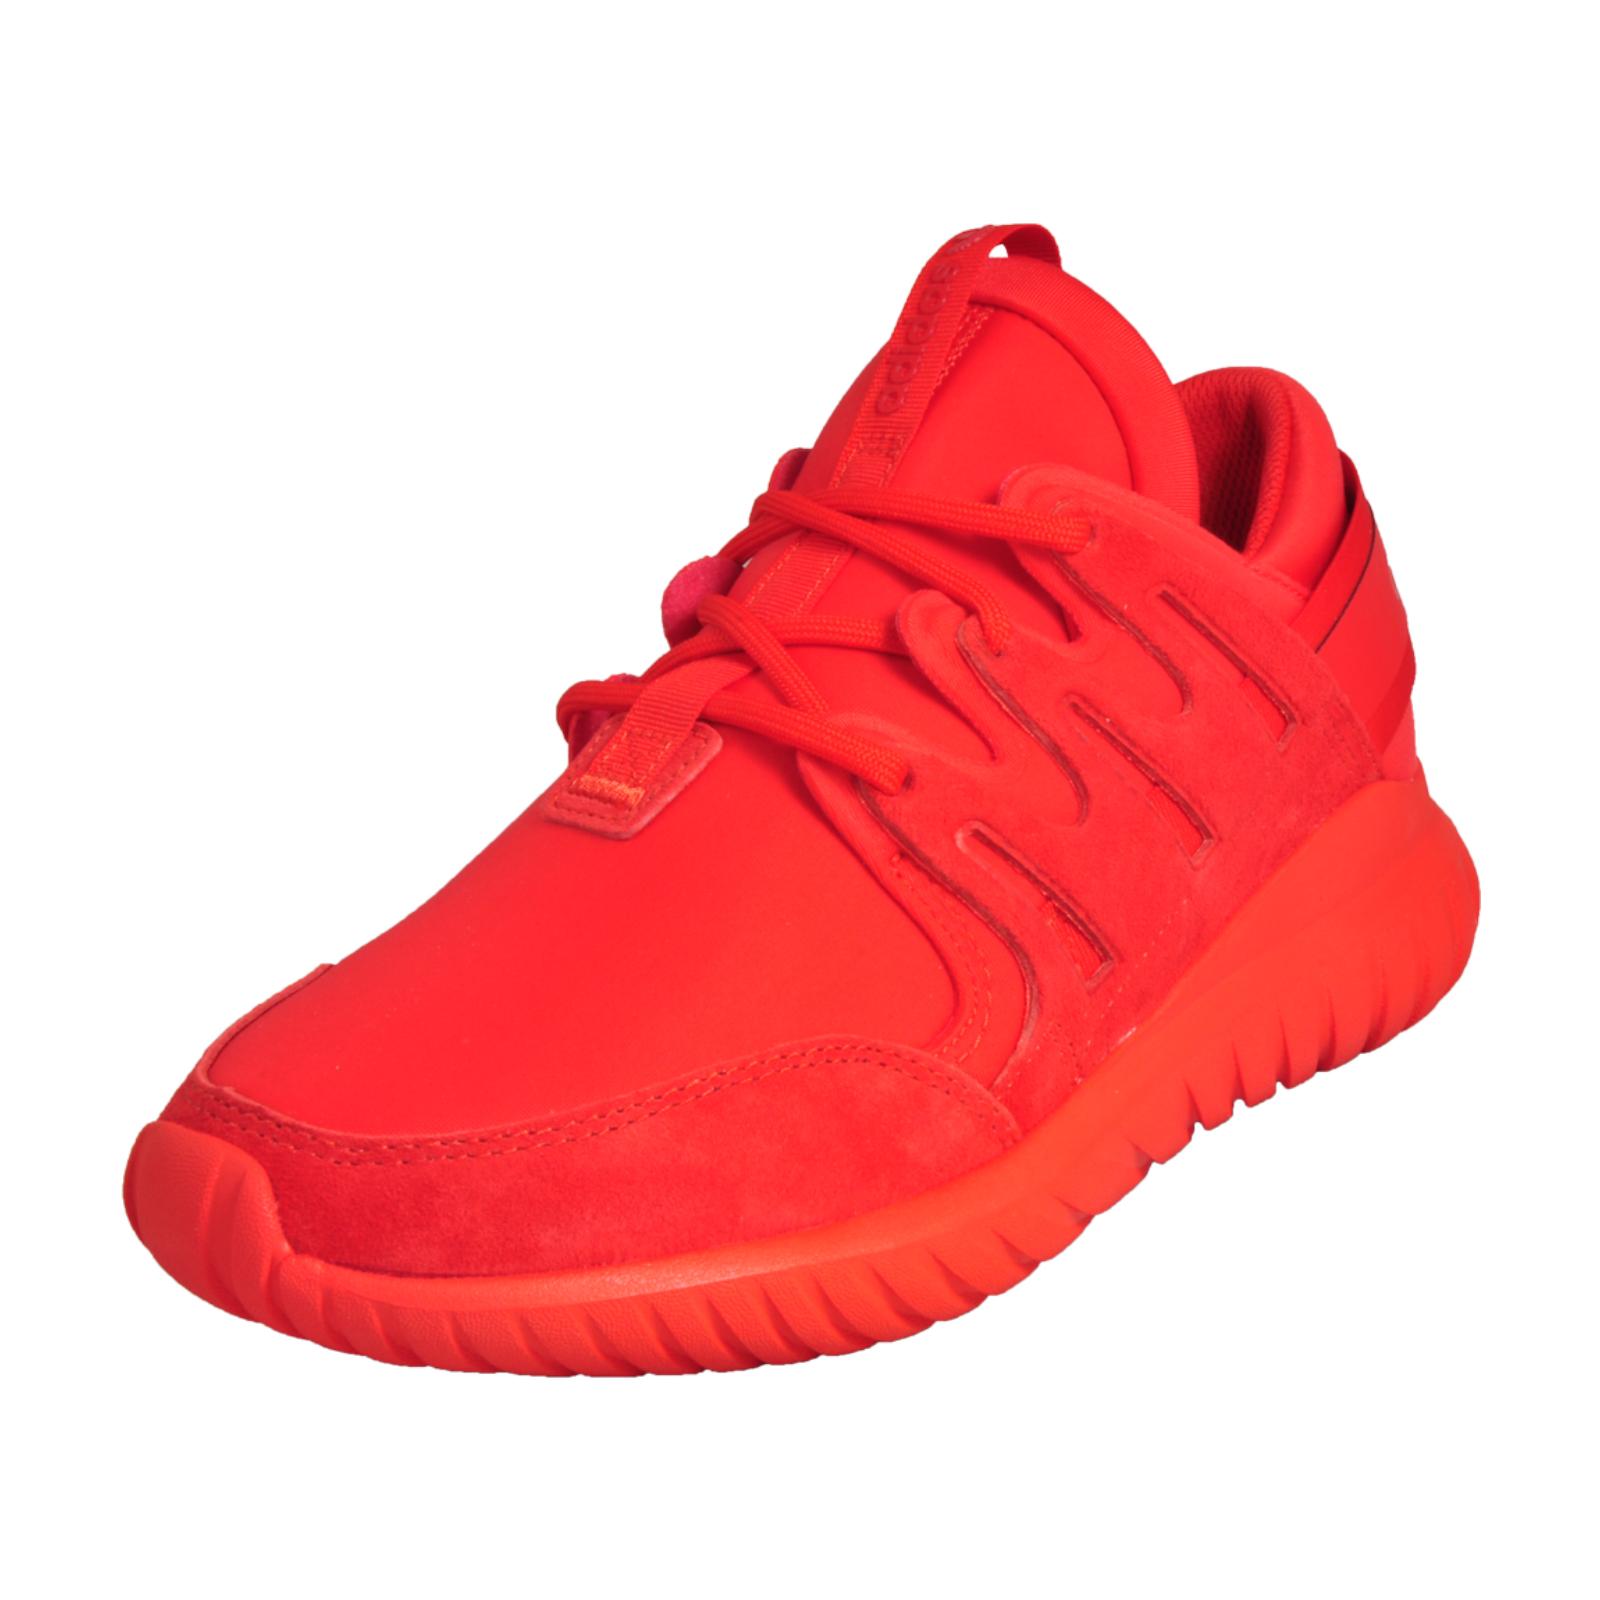 online store 64626 137b7 Details about Adidas Originals Tubular Nova Junior Premium Classic Casual  Retro Trainers Red